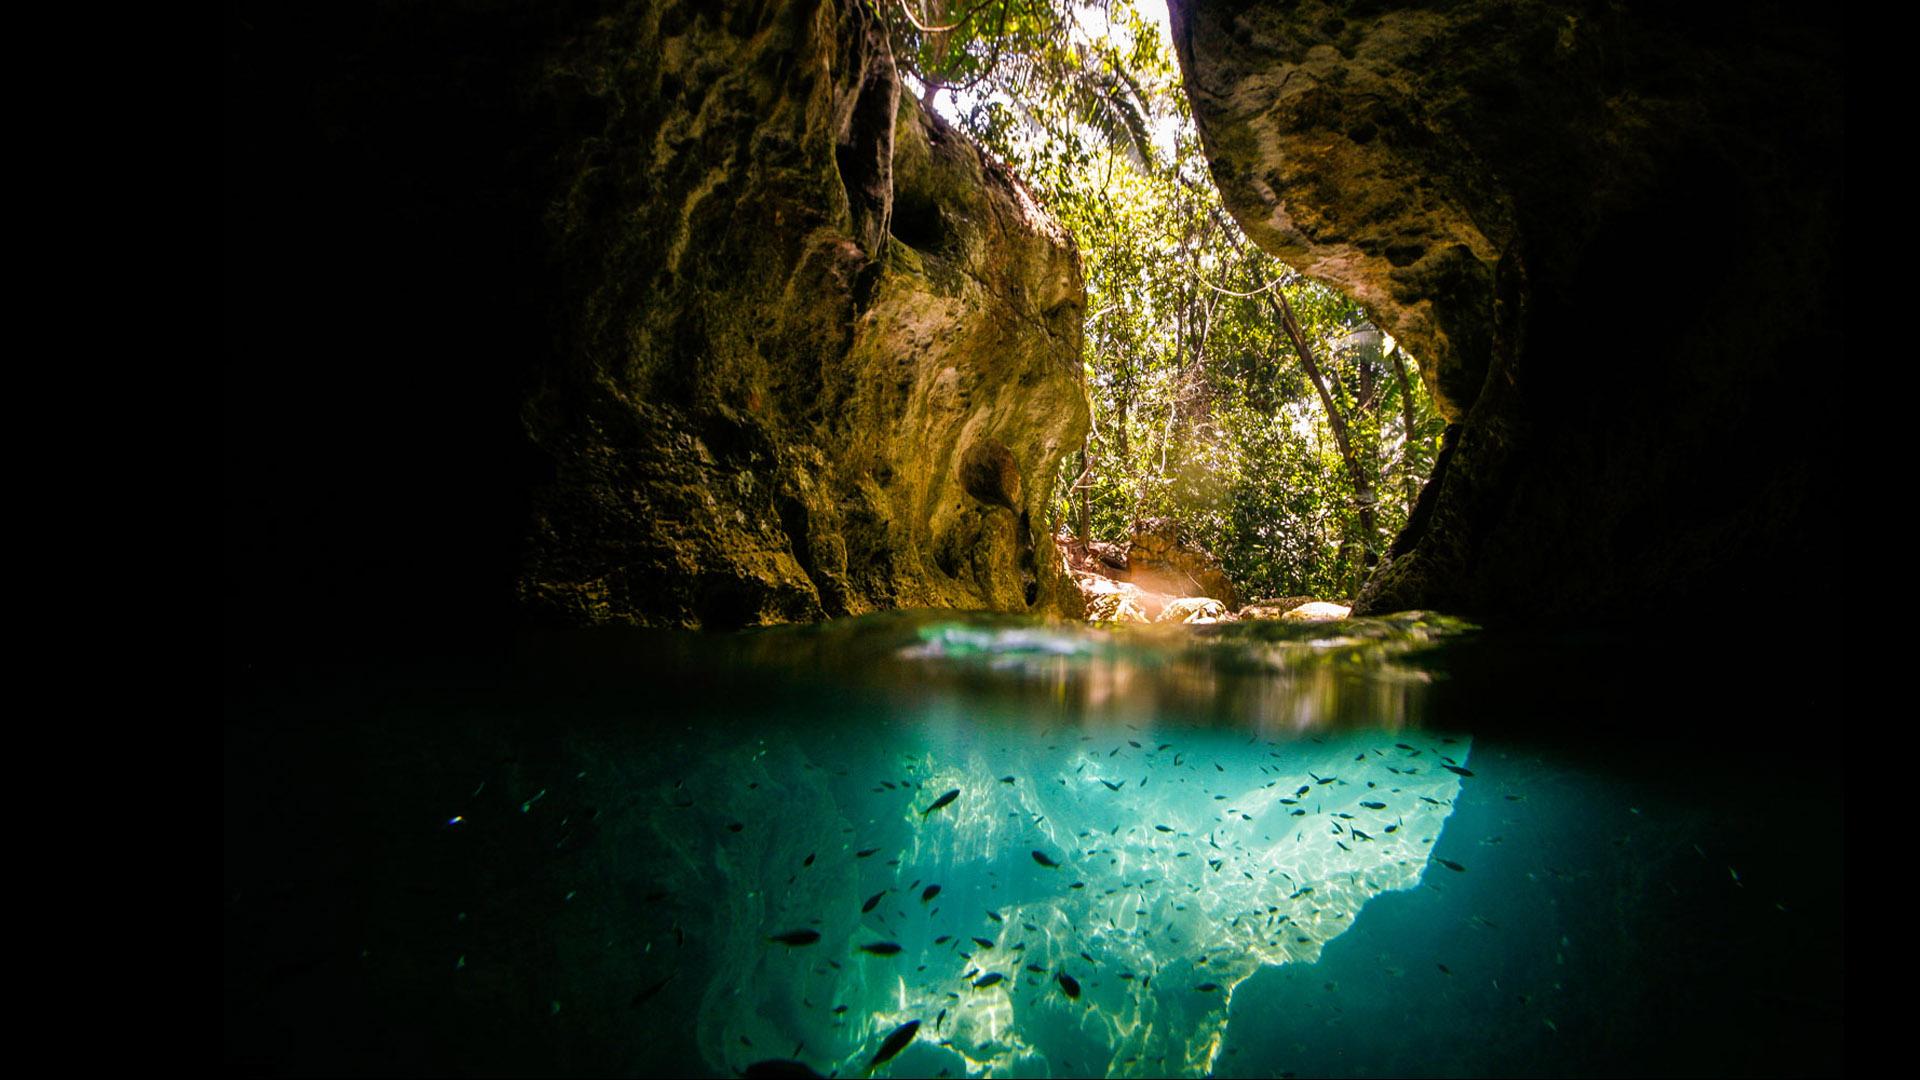 cave water desktop wallpaper 52606